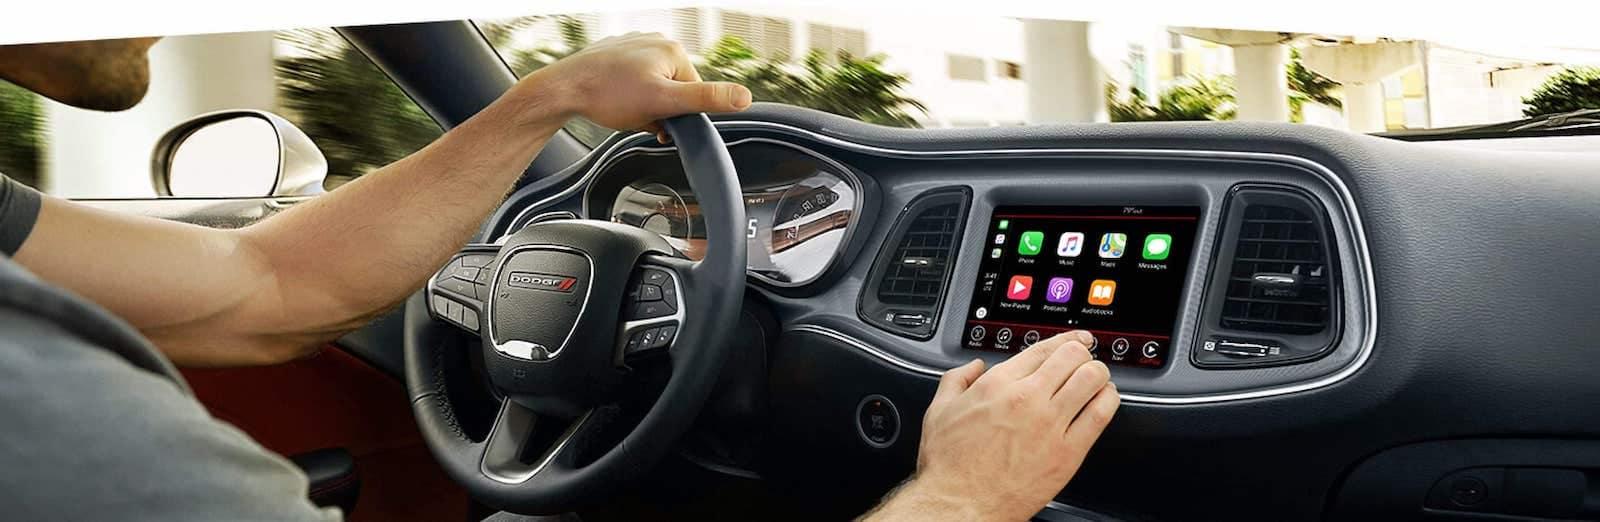 2021 Dodge Challenger full smart phone integration